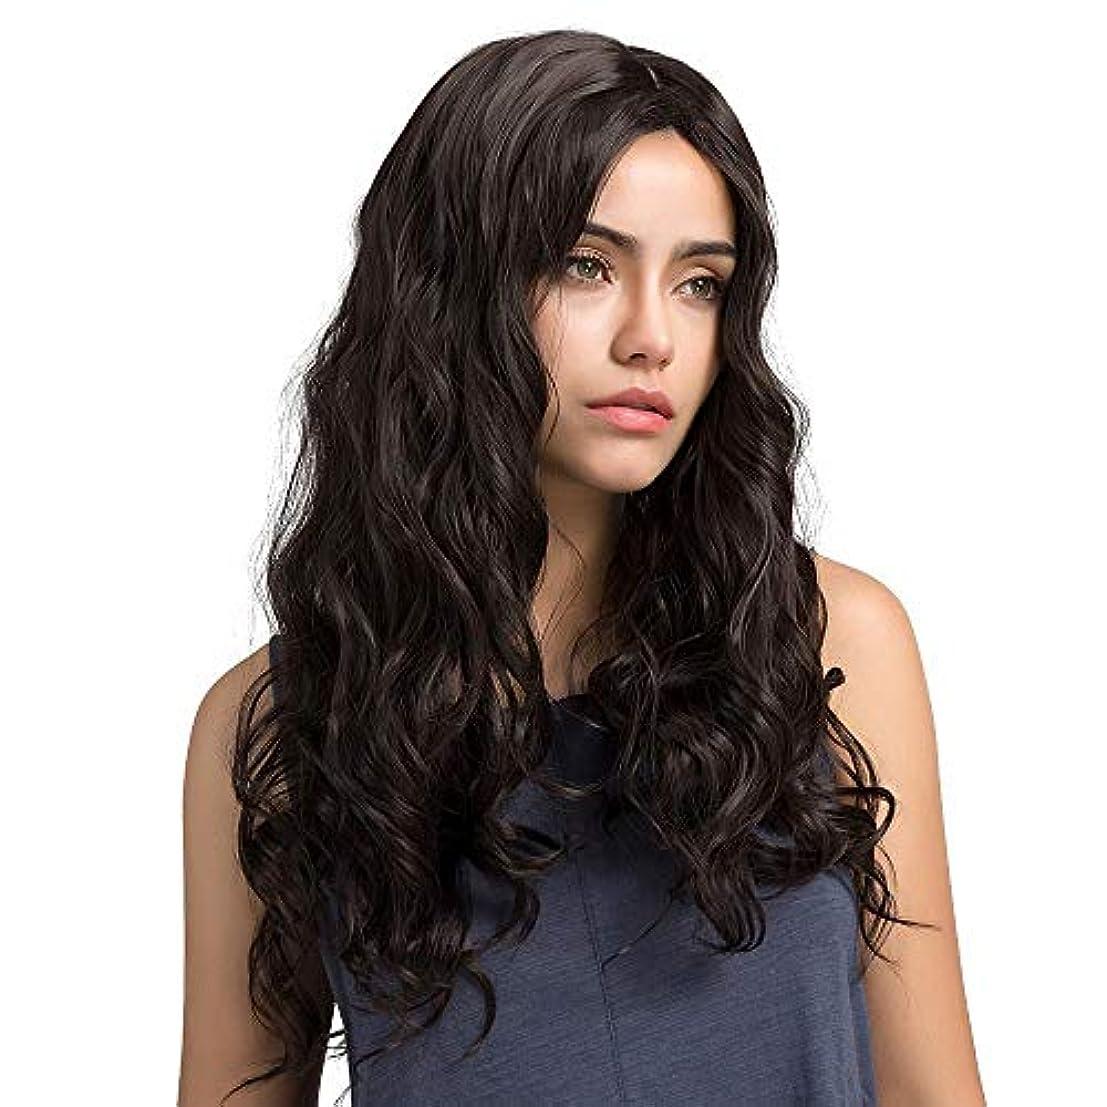 散逸取り組む想像力女性の小さな波状の長い巻き毛のふわふわのかつら65 cm